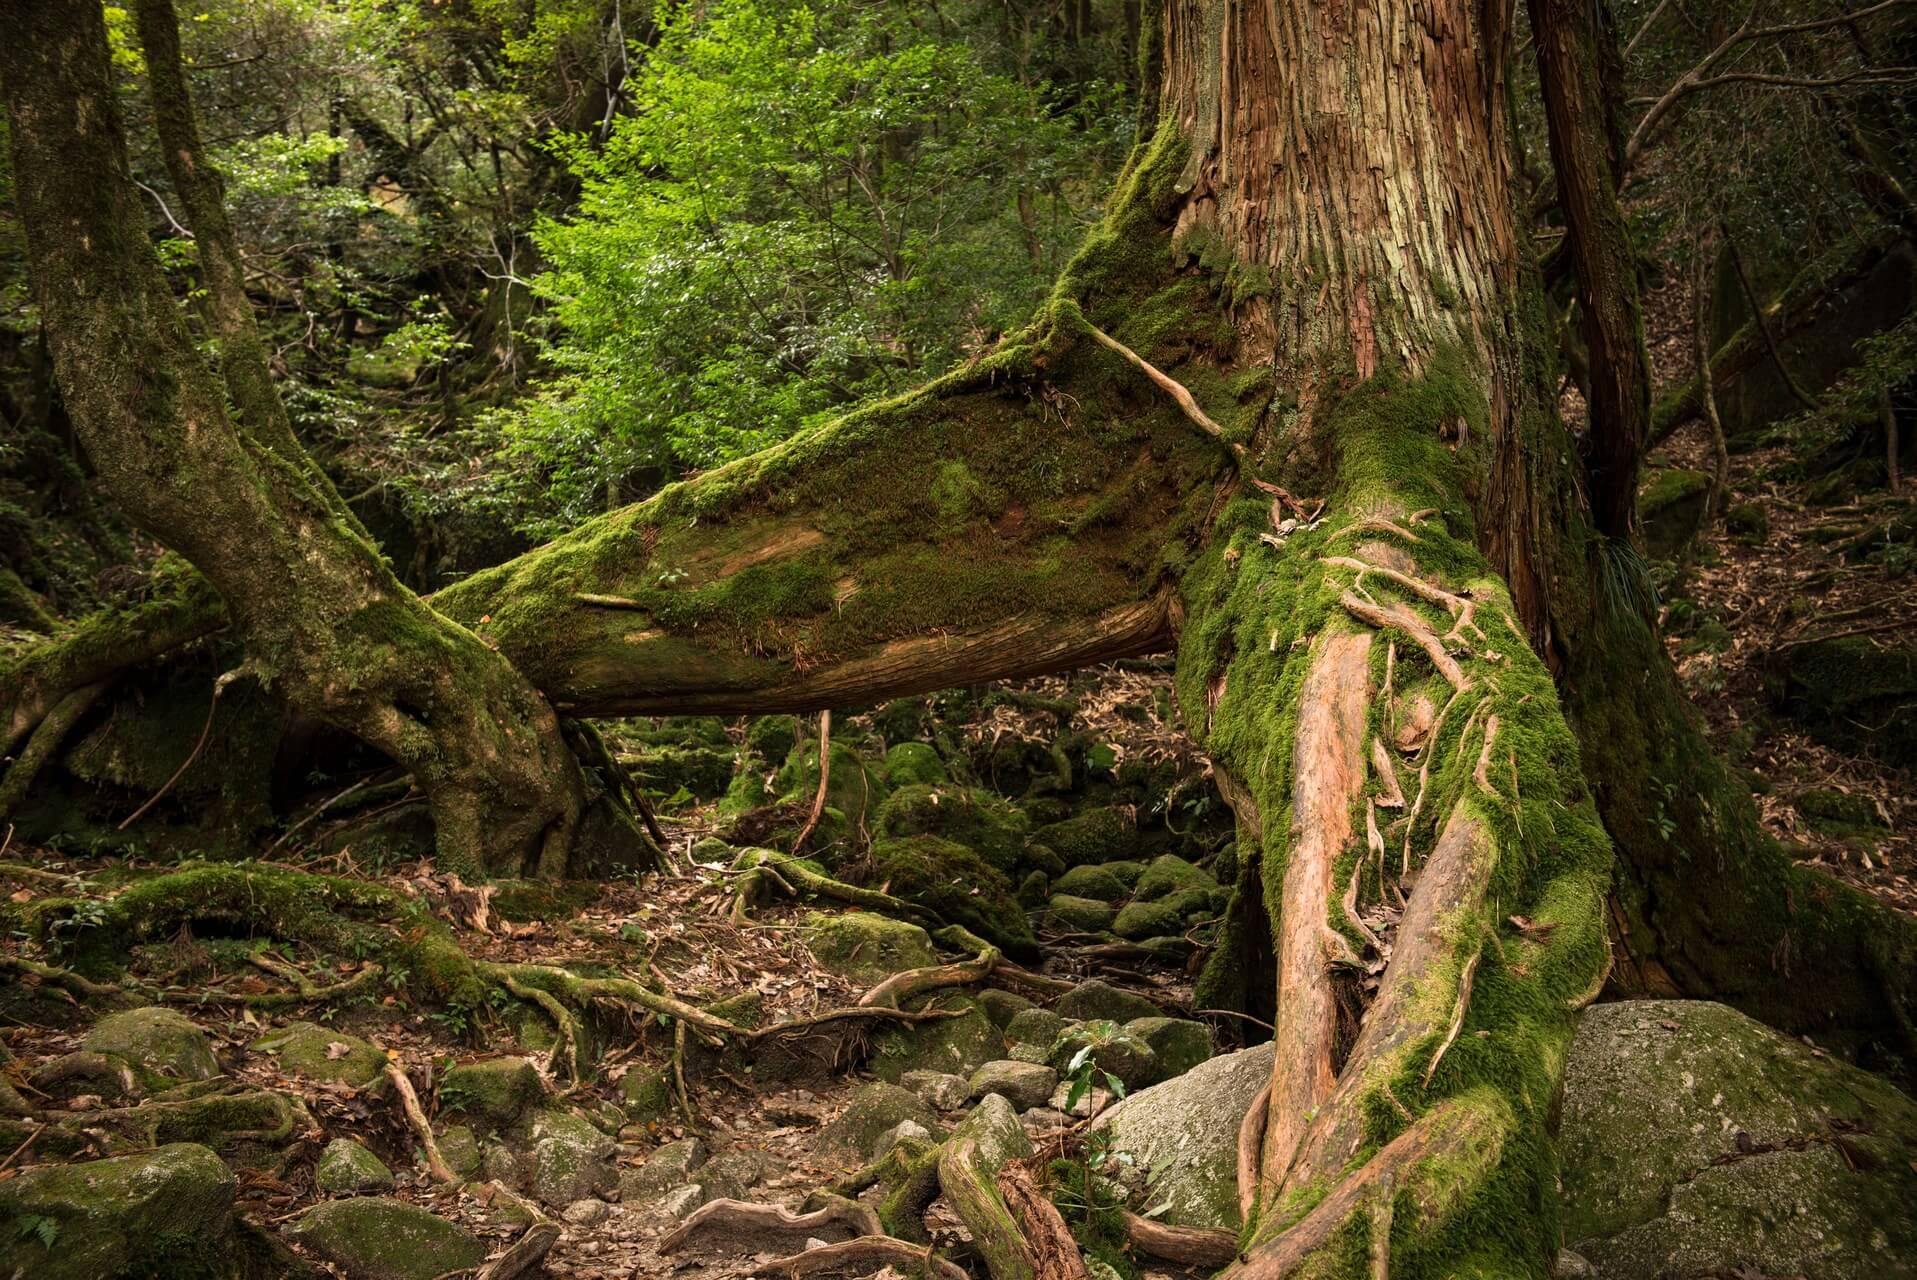 Japan: Yakushima Island, Fotograf: Steffen Lohse